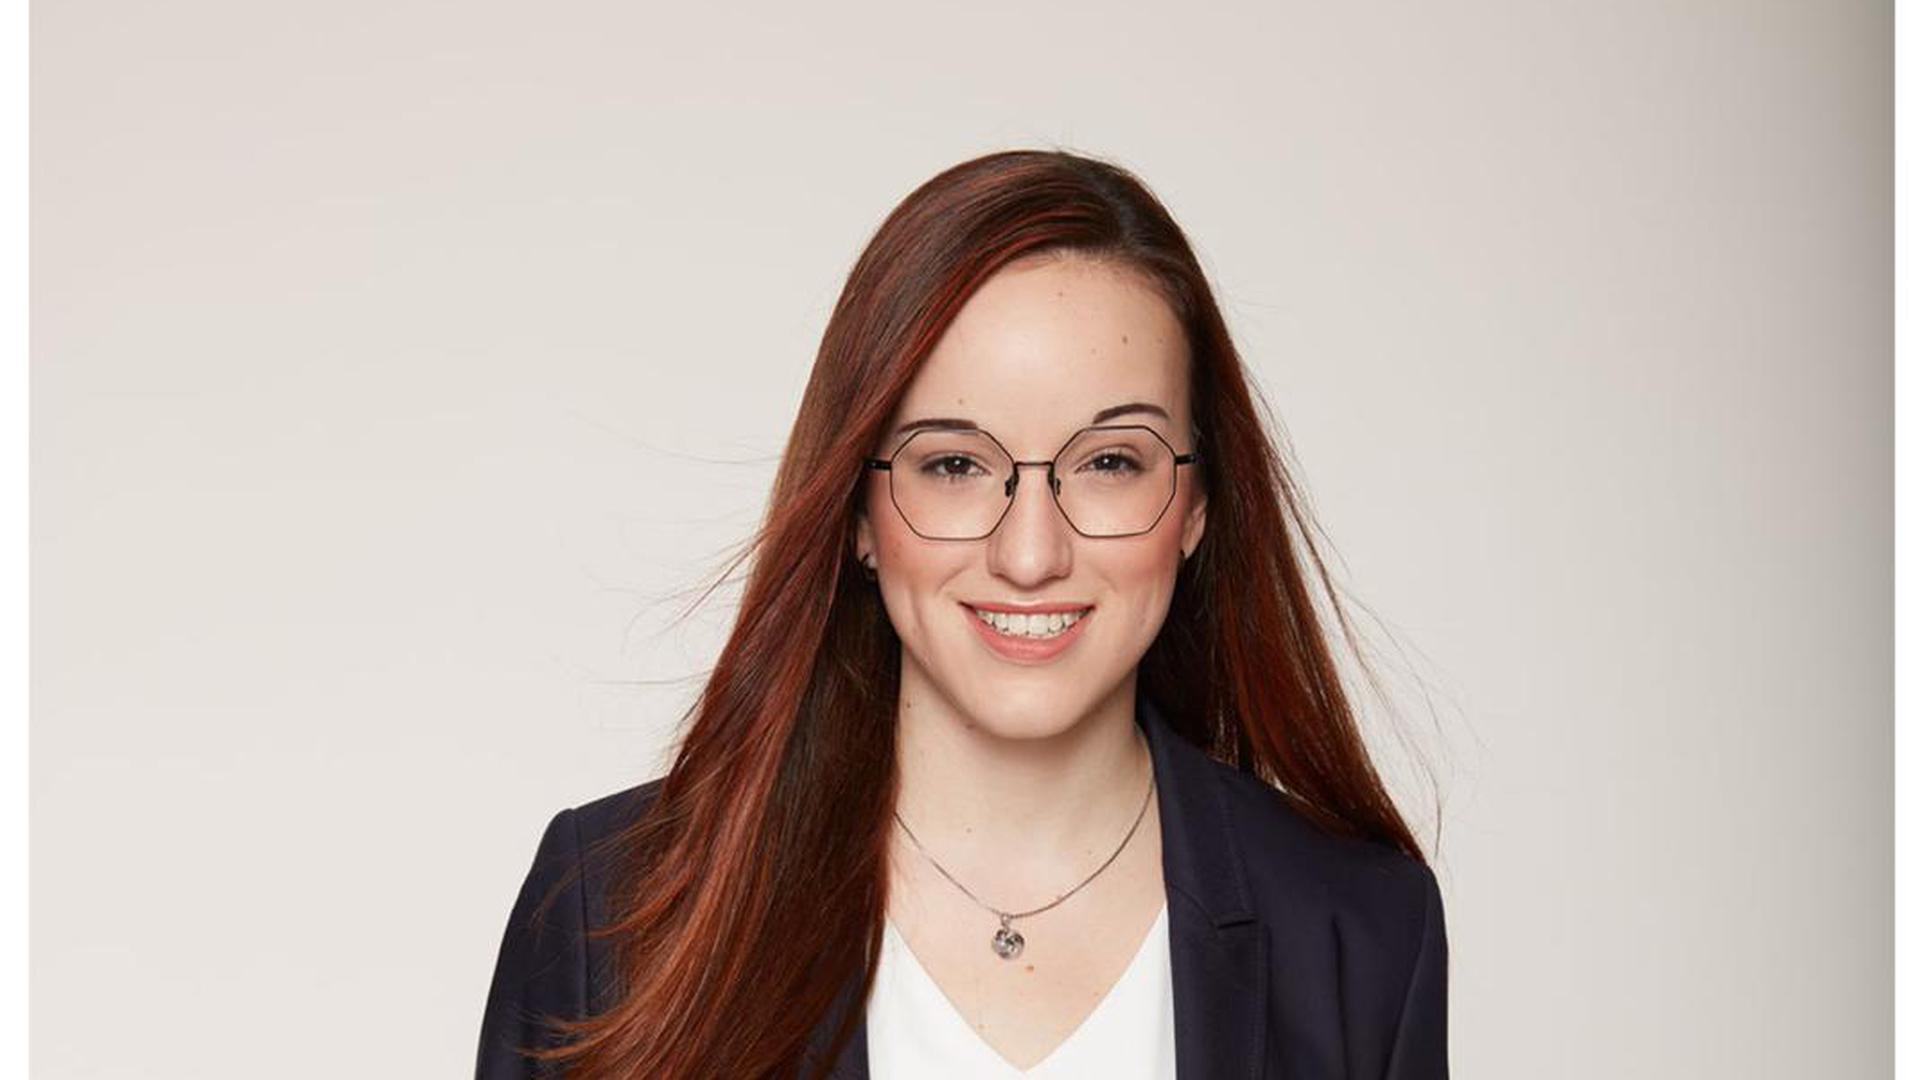 Alena Trauschel